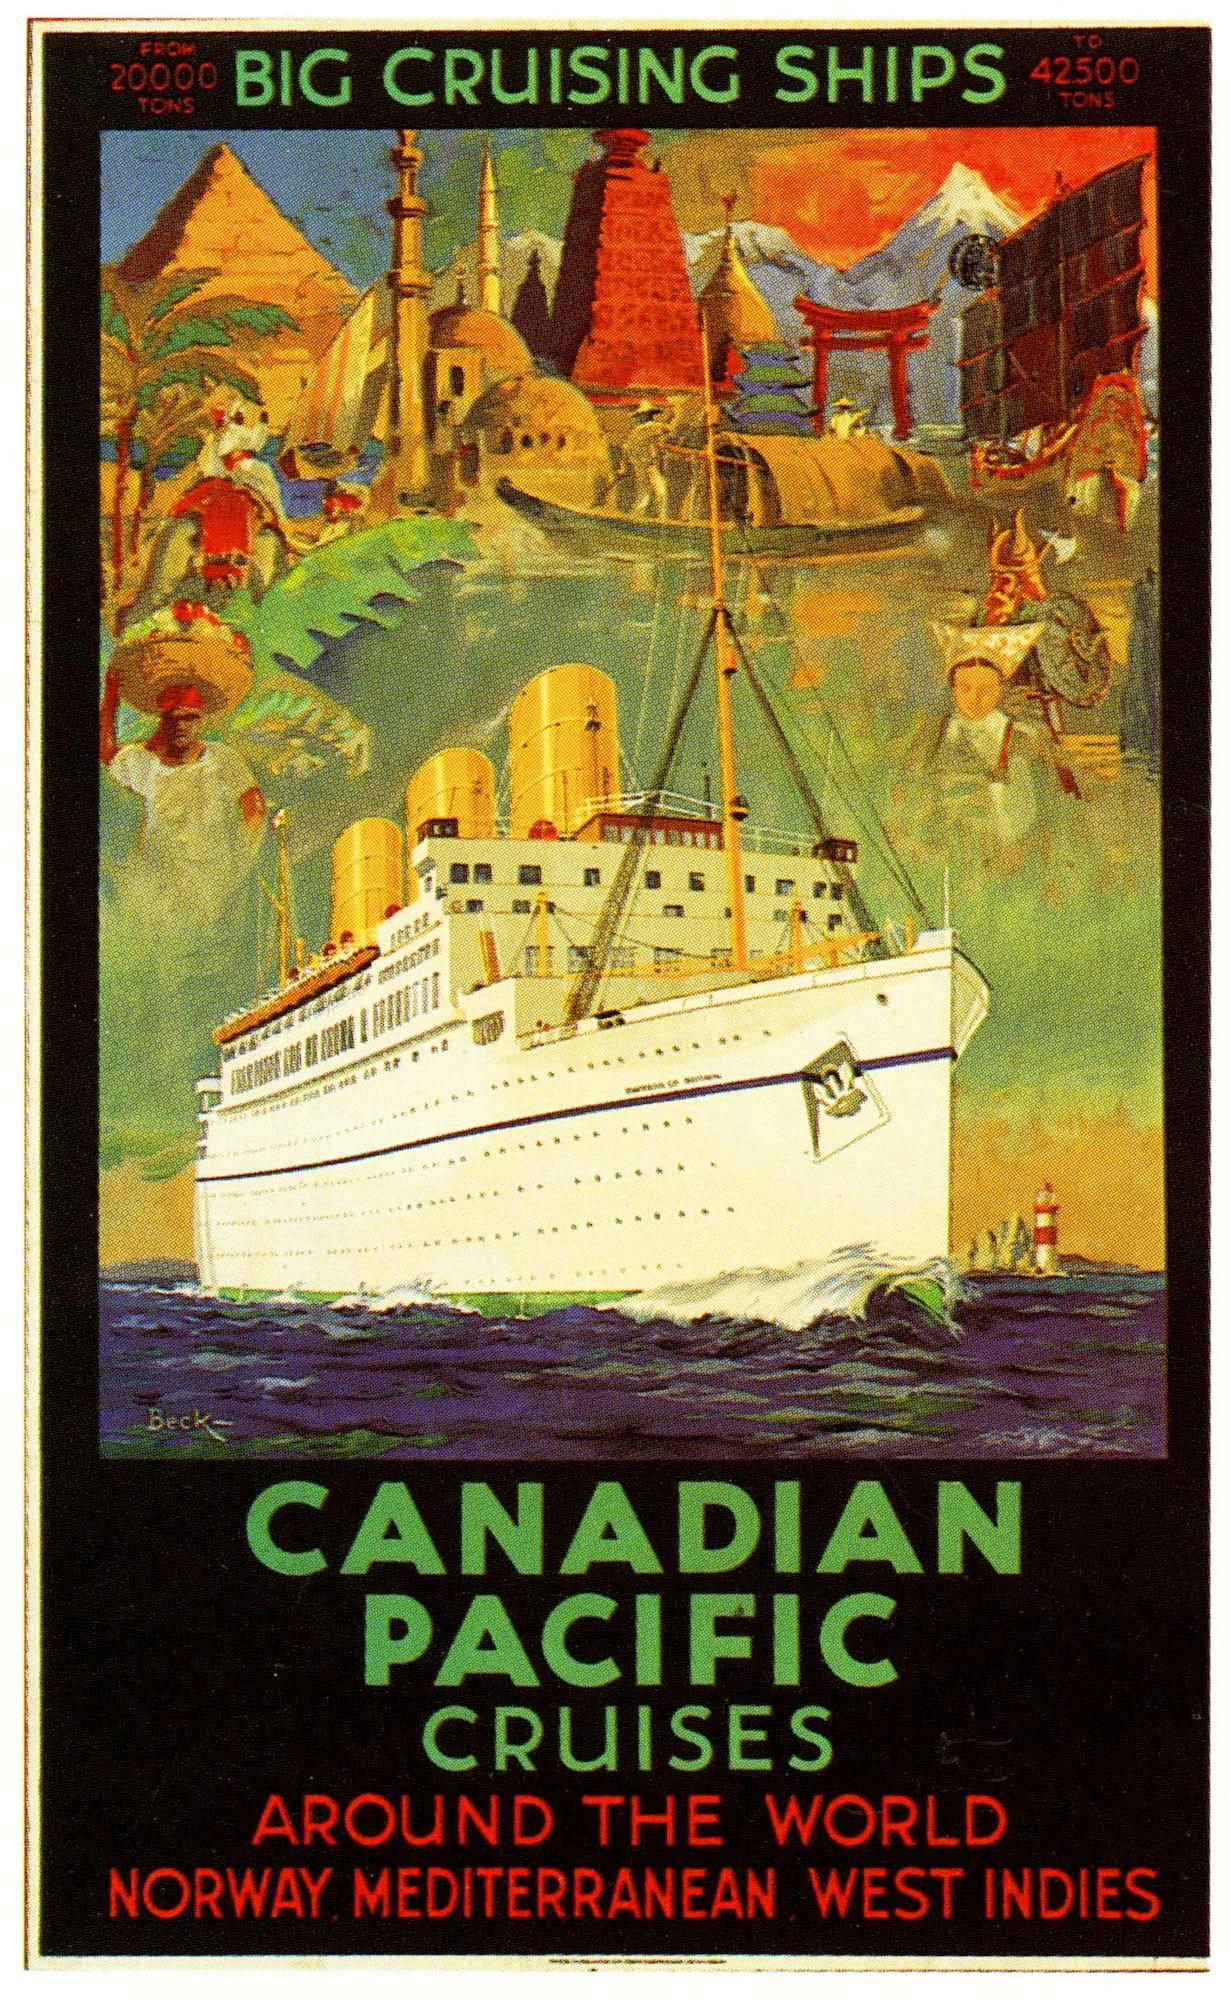 Cartel de publicidad Vintage, cuadros clásicos de lienzo de calcomanías del Pacífico Canadiense, pósteres de pared Vintage, pegatinas para decoración del hogar, regalo